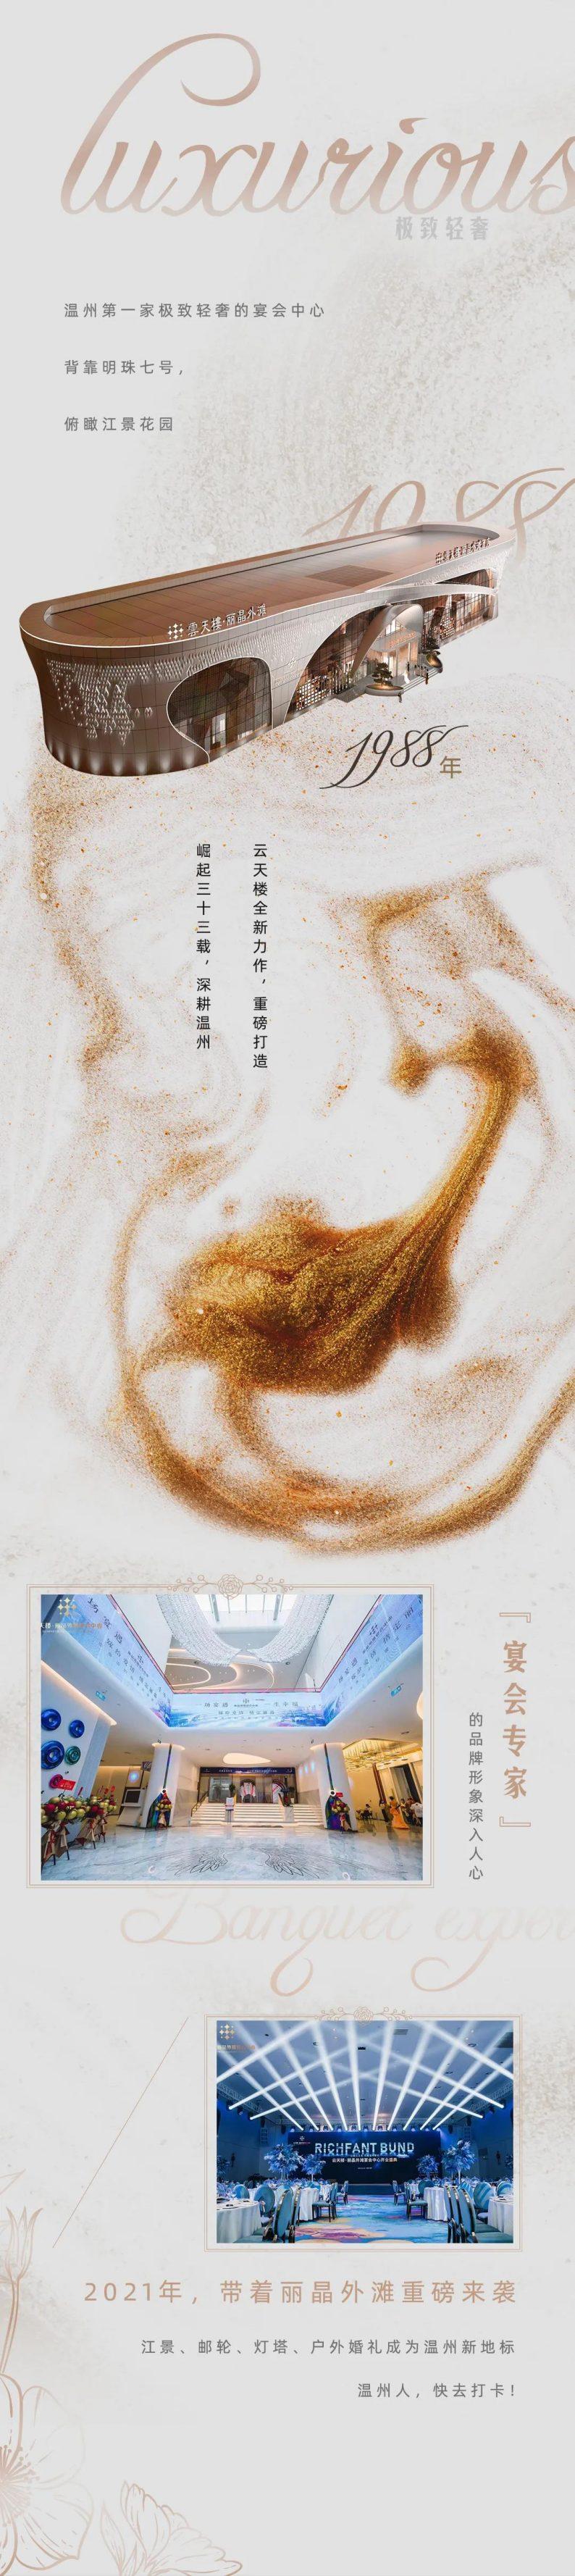 婚礼堂发布:33年酒店全新力作!温州首家江景宴会中心